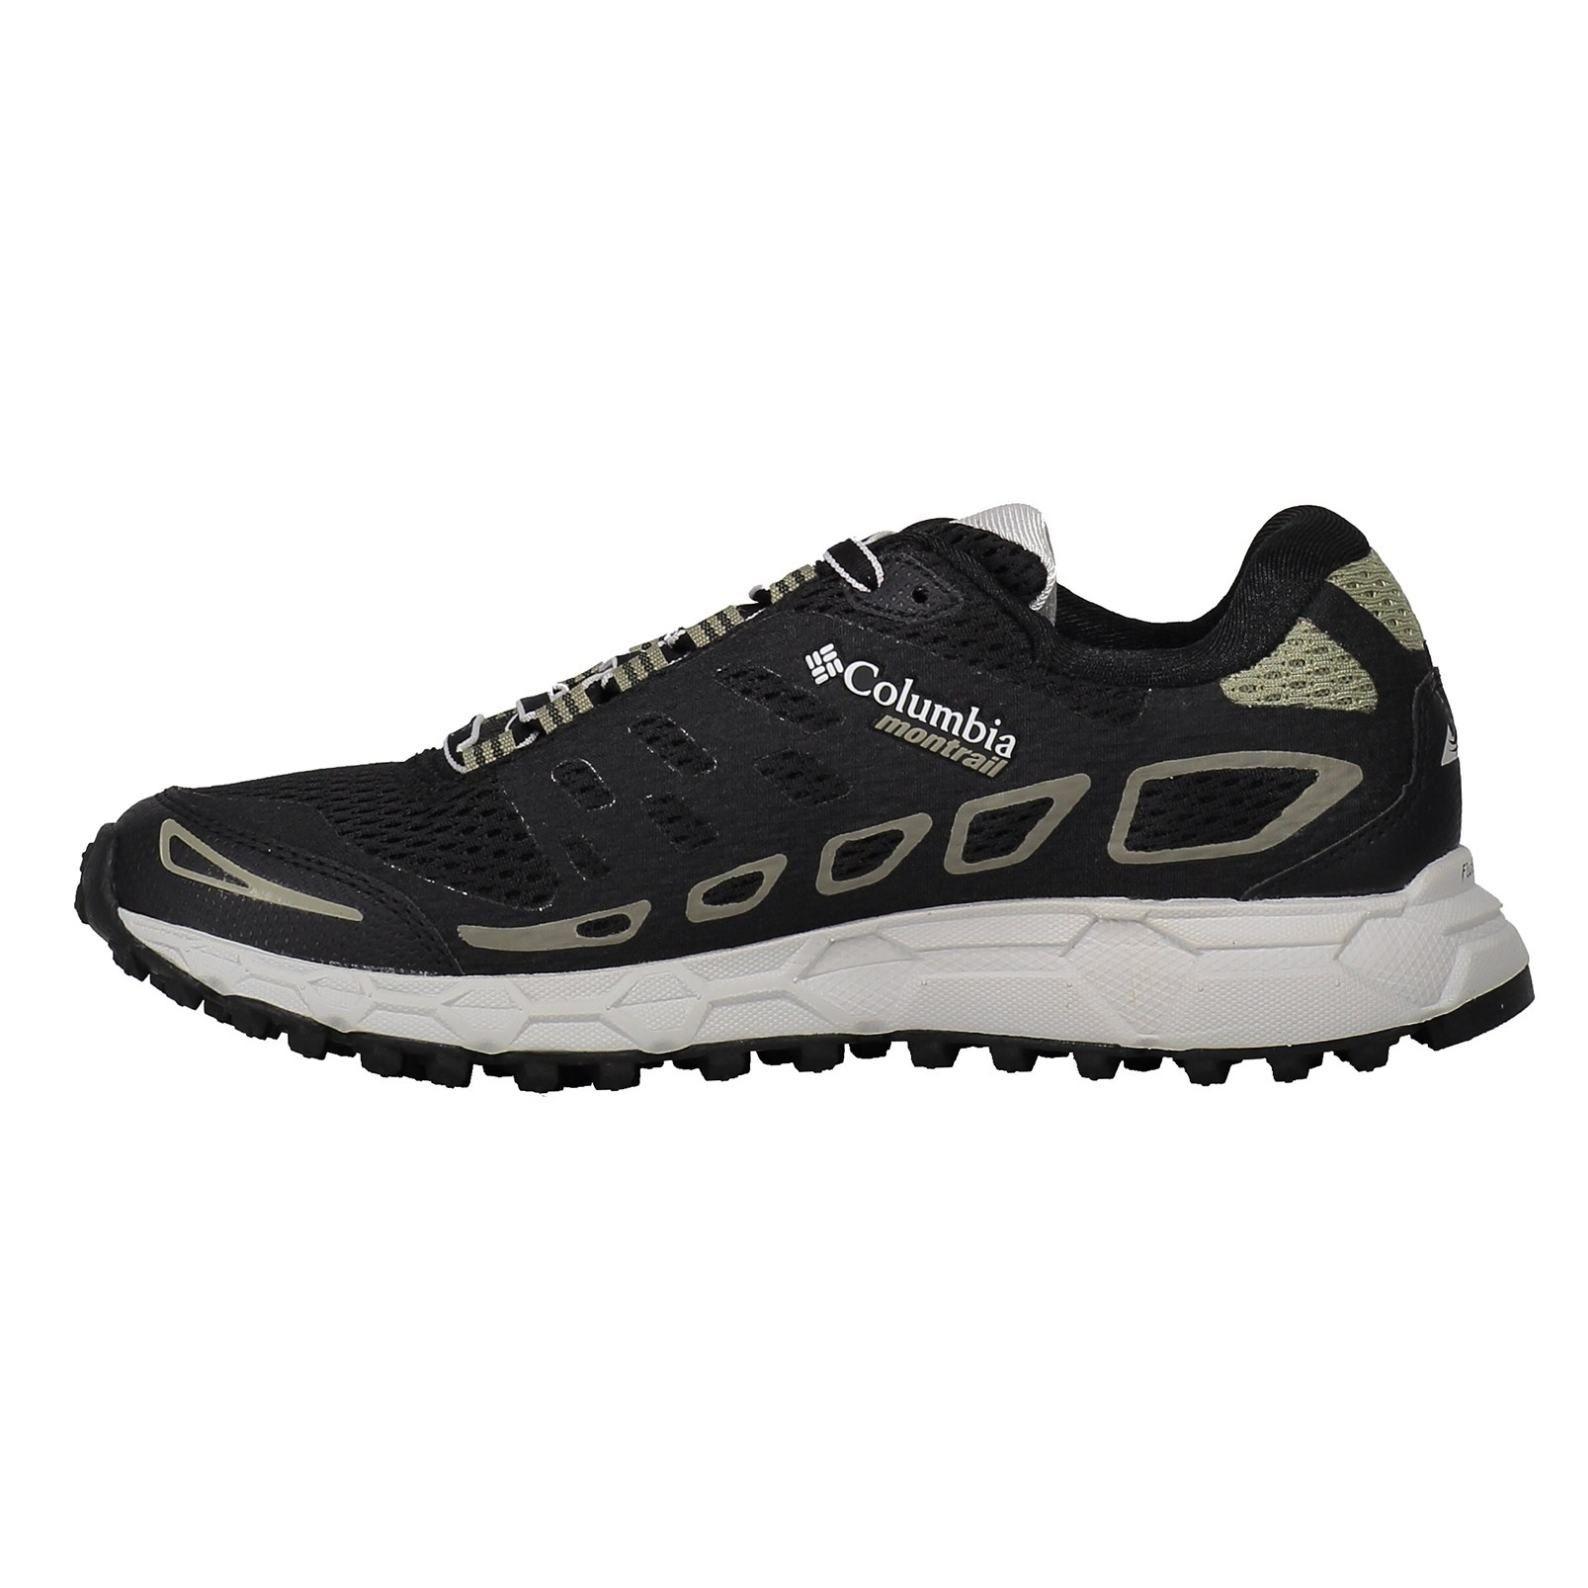 کفش مخصوص دویدن زنانه کلمبیا مدل  BL4570-011 -  - 14